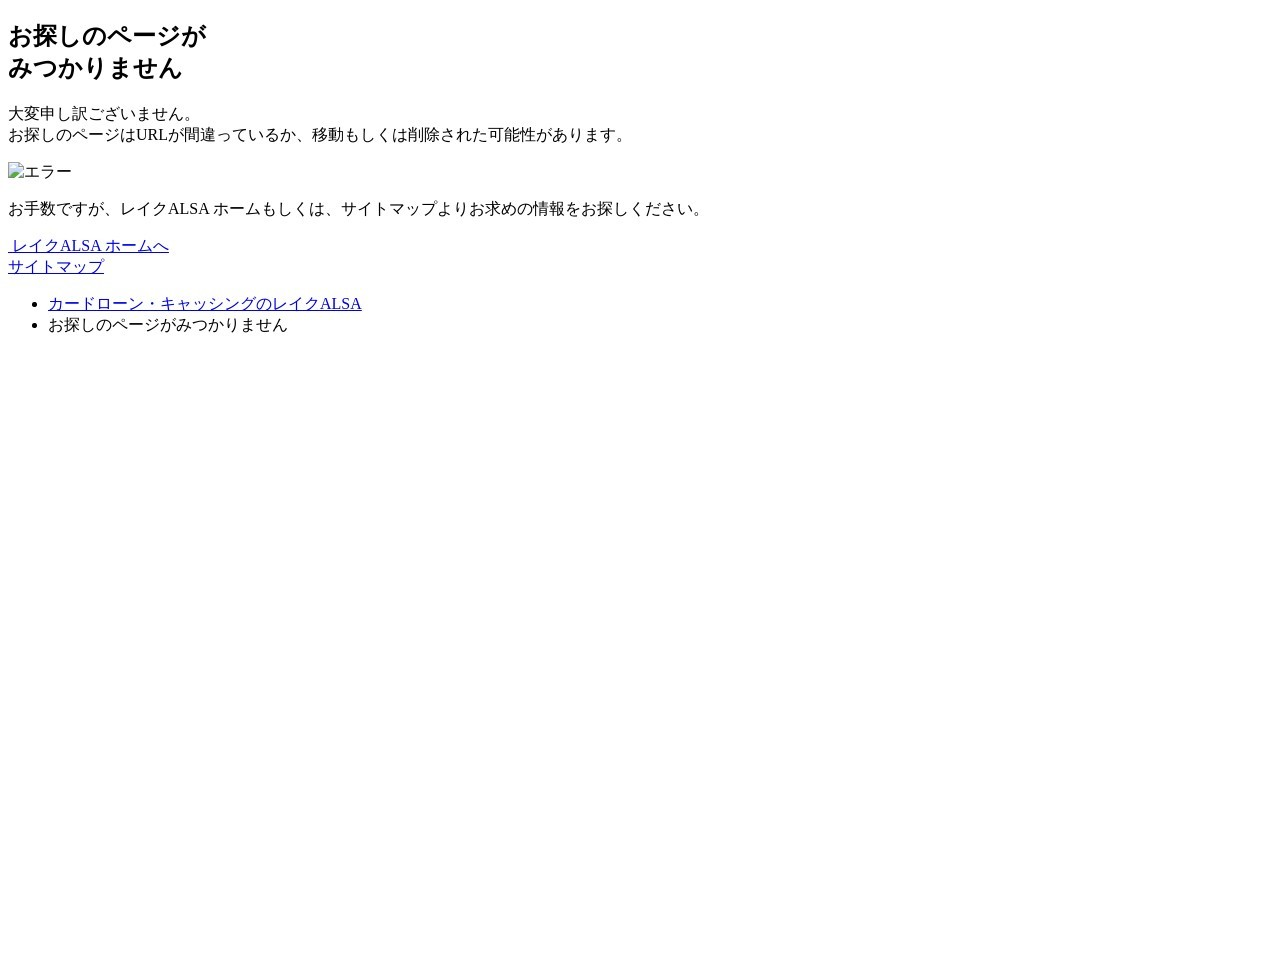 レイクALSA 9号桂自動契約コーナー京都府 レイクALSA